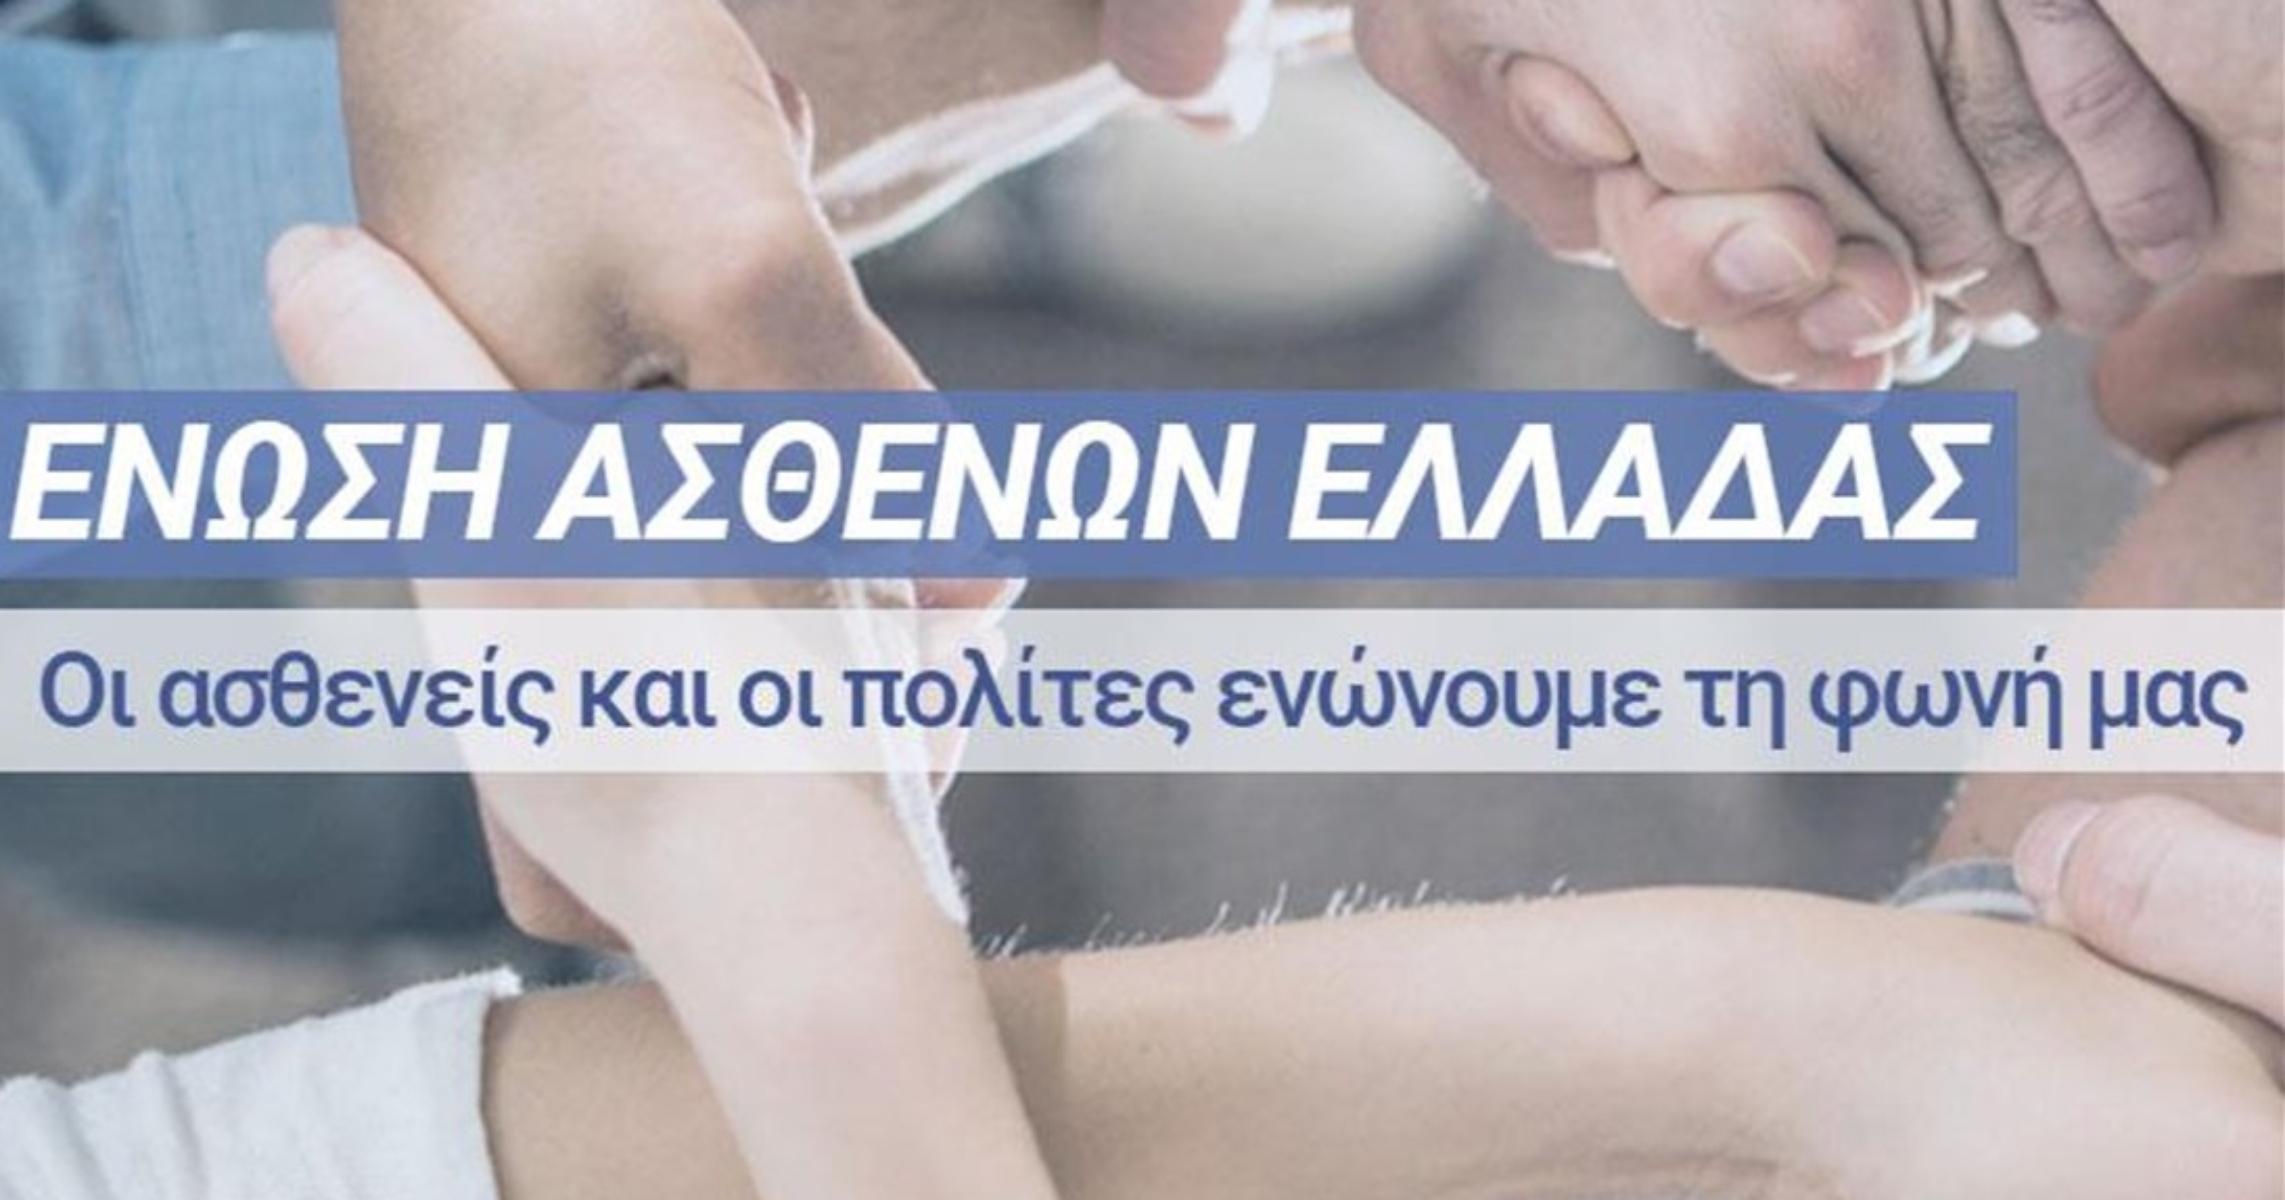 Ένωση Ασθενών Ελλάδας: «Ο οδικός χάρτης για τον εμβολιασμό COVID-19»